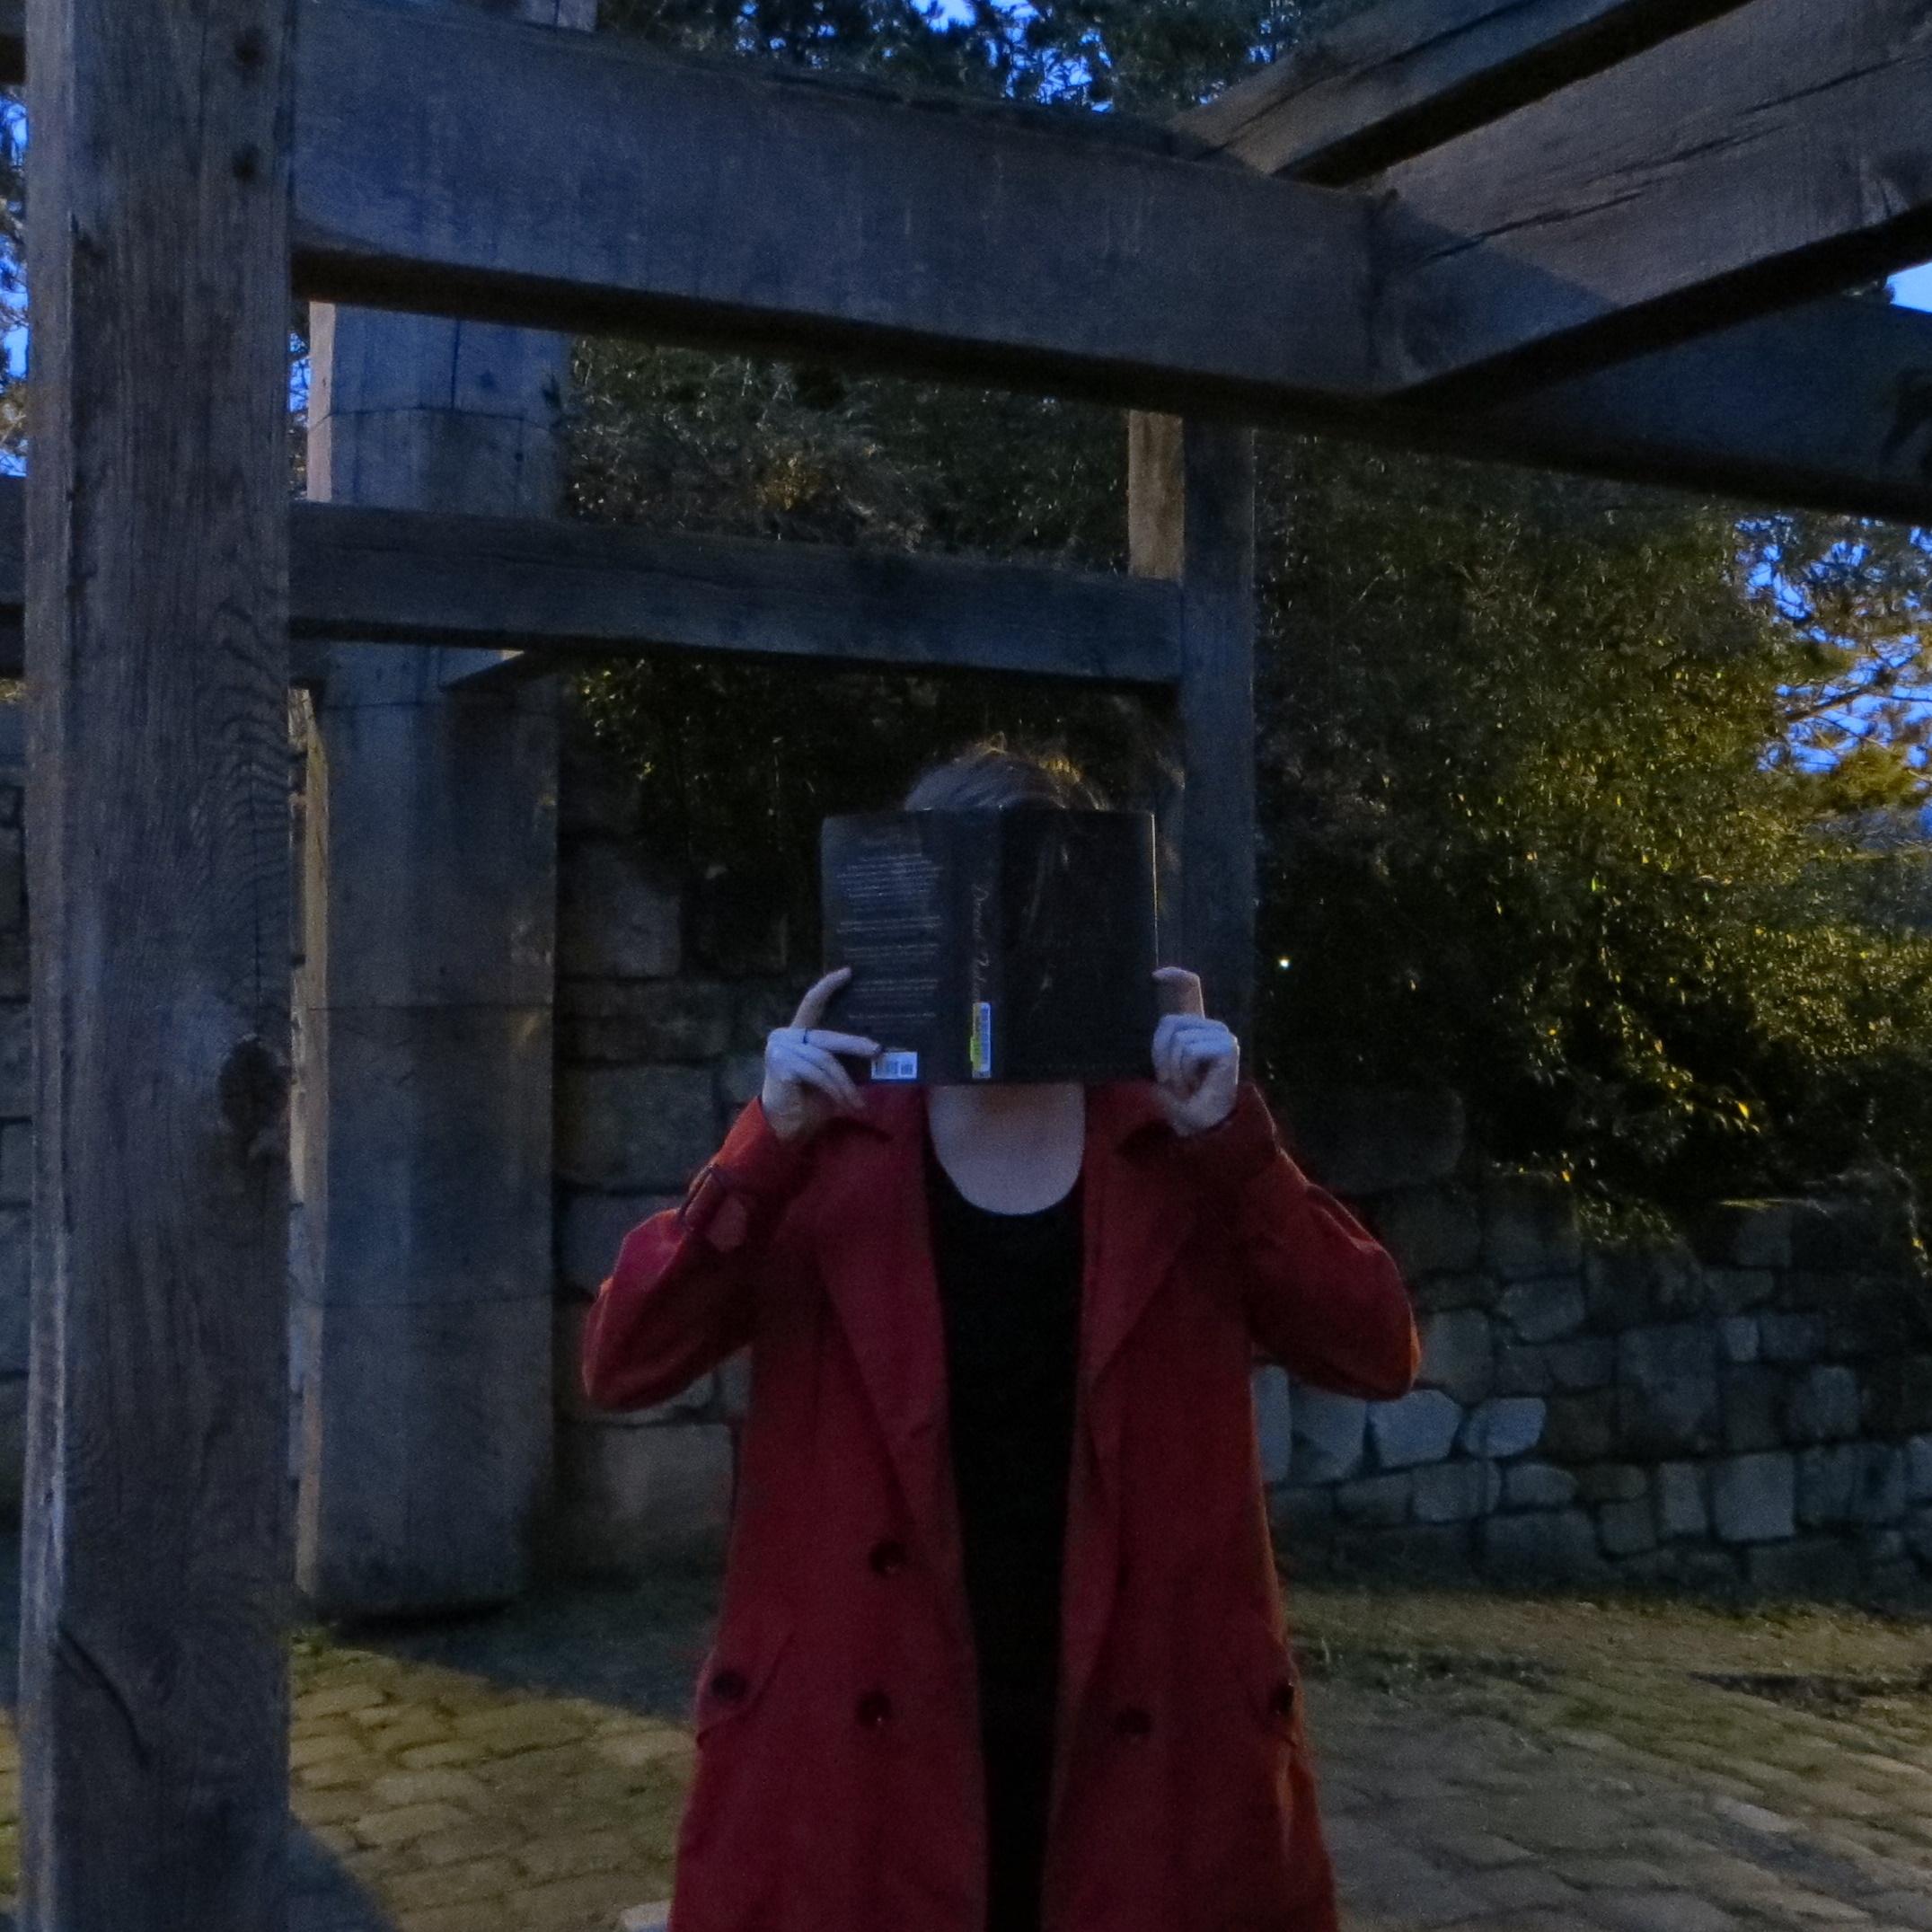 personne en parka rouge lisant Dread Nation de Justina Ireland de nuit, devant une structure de bois